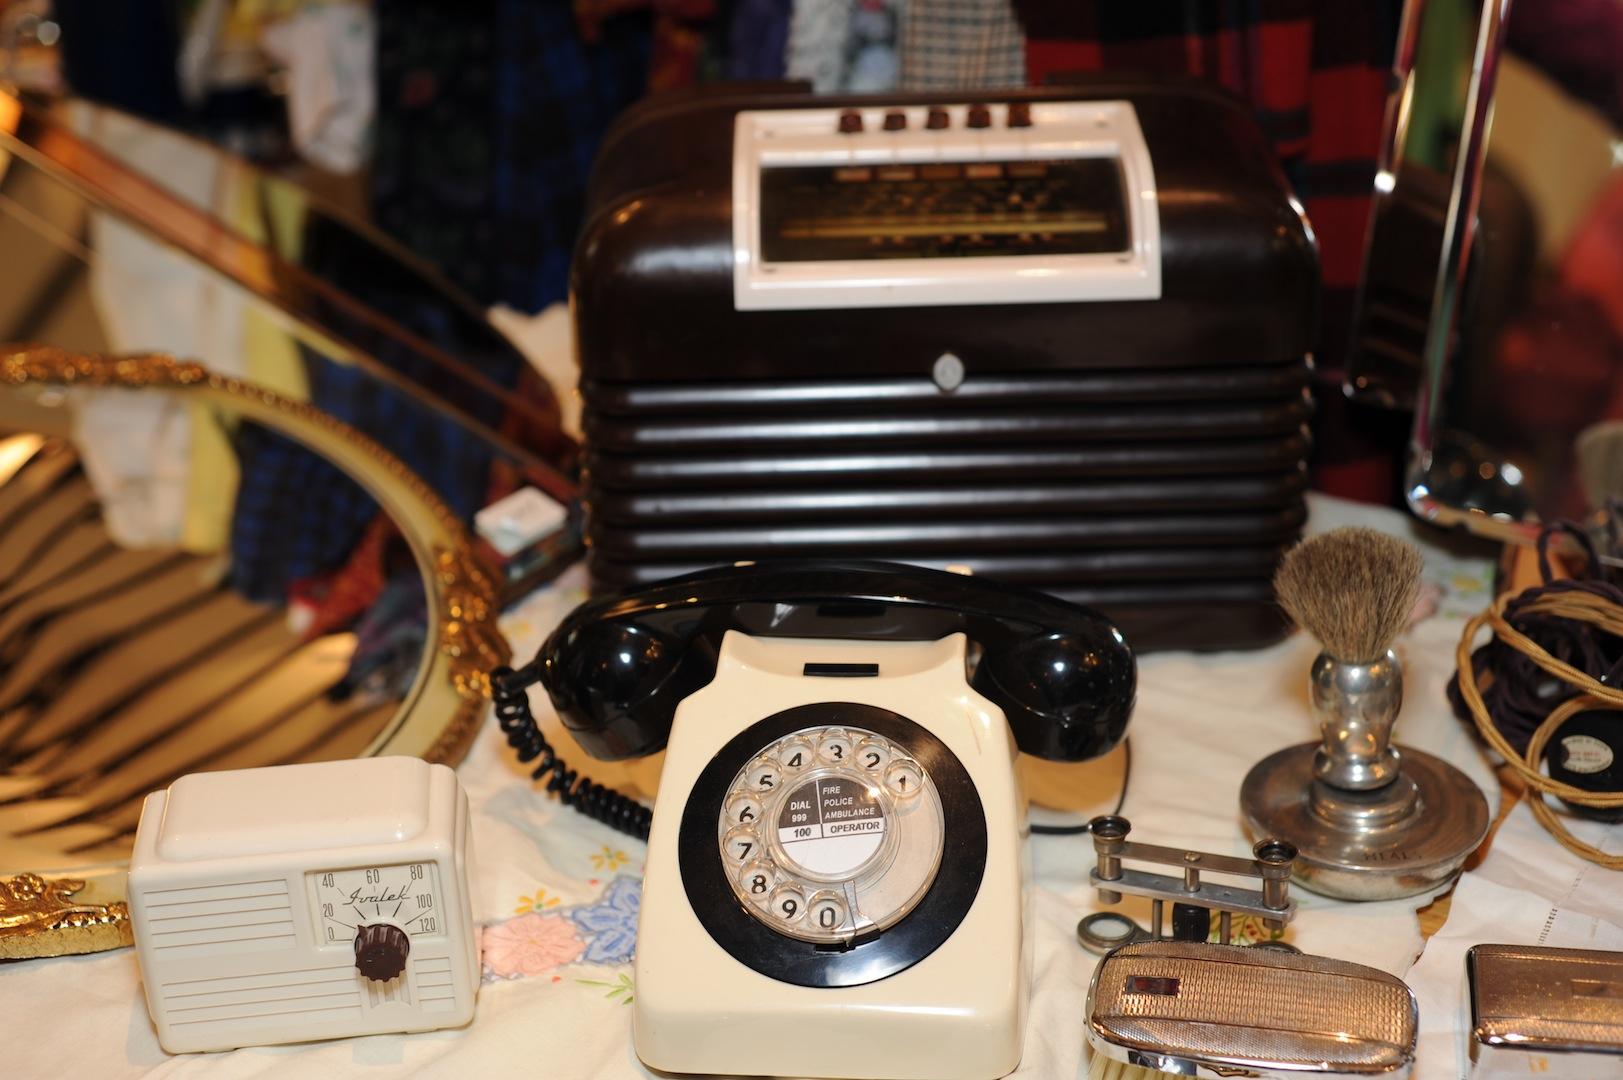 Bunty Olsen telephone